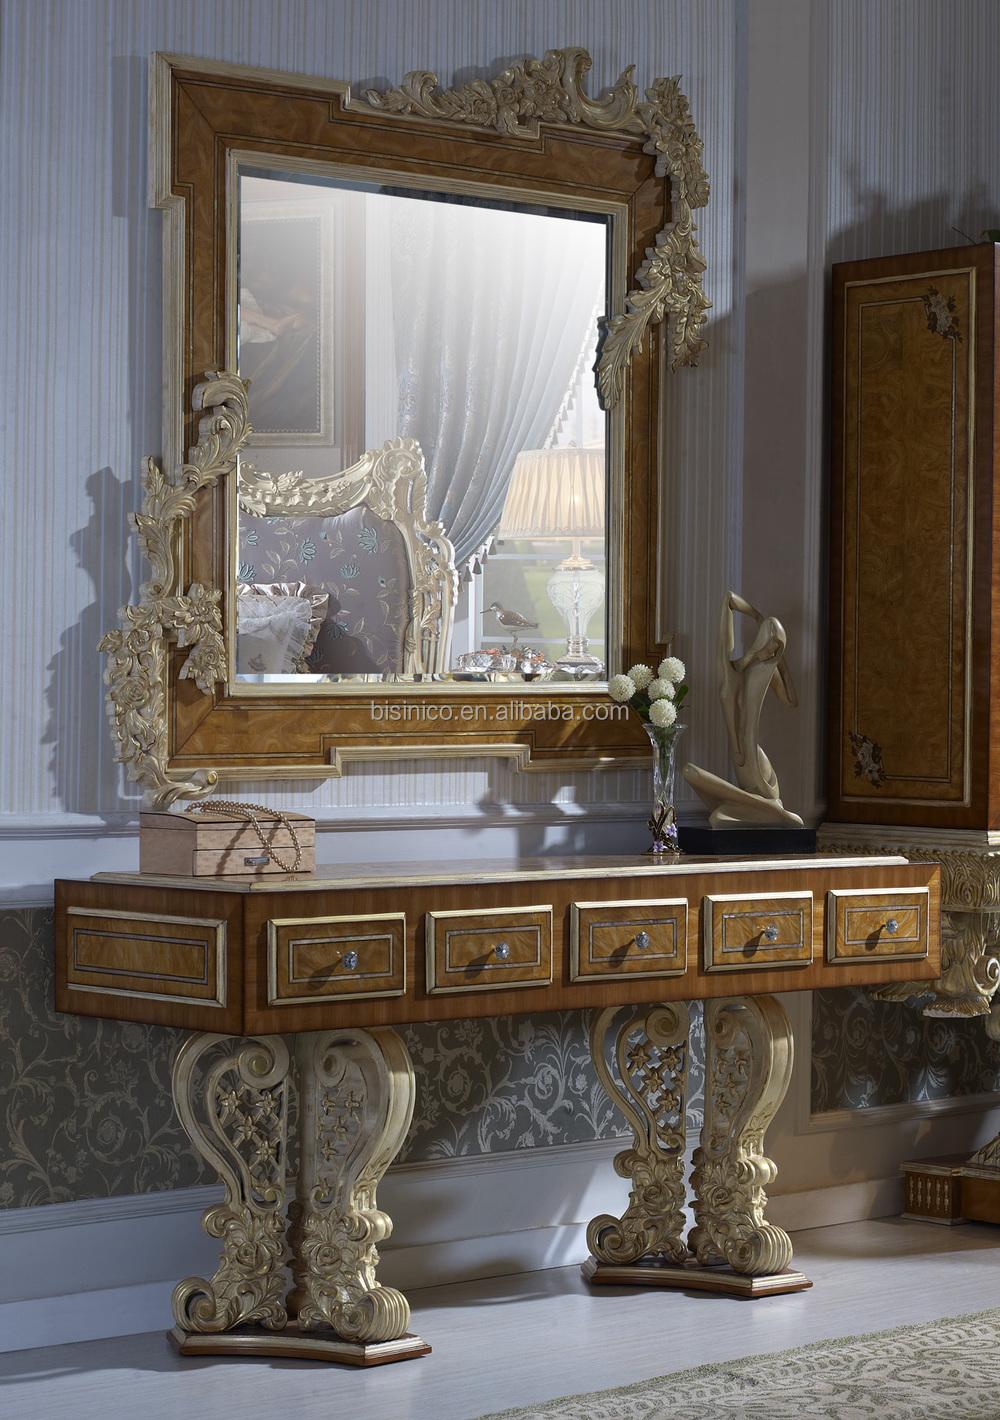 bisini meubles de luxe chambre meubles set italien classique meubles de luxe rococo. Black Bedroom Furniture Sets. Home Design Ideas